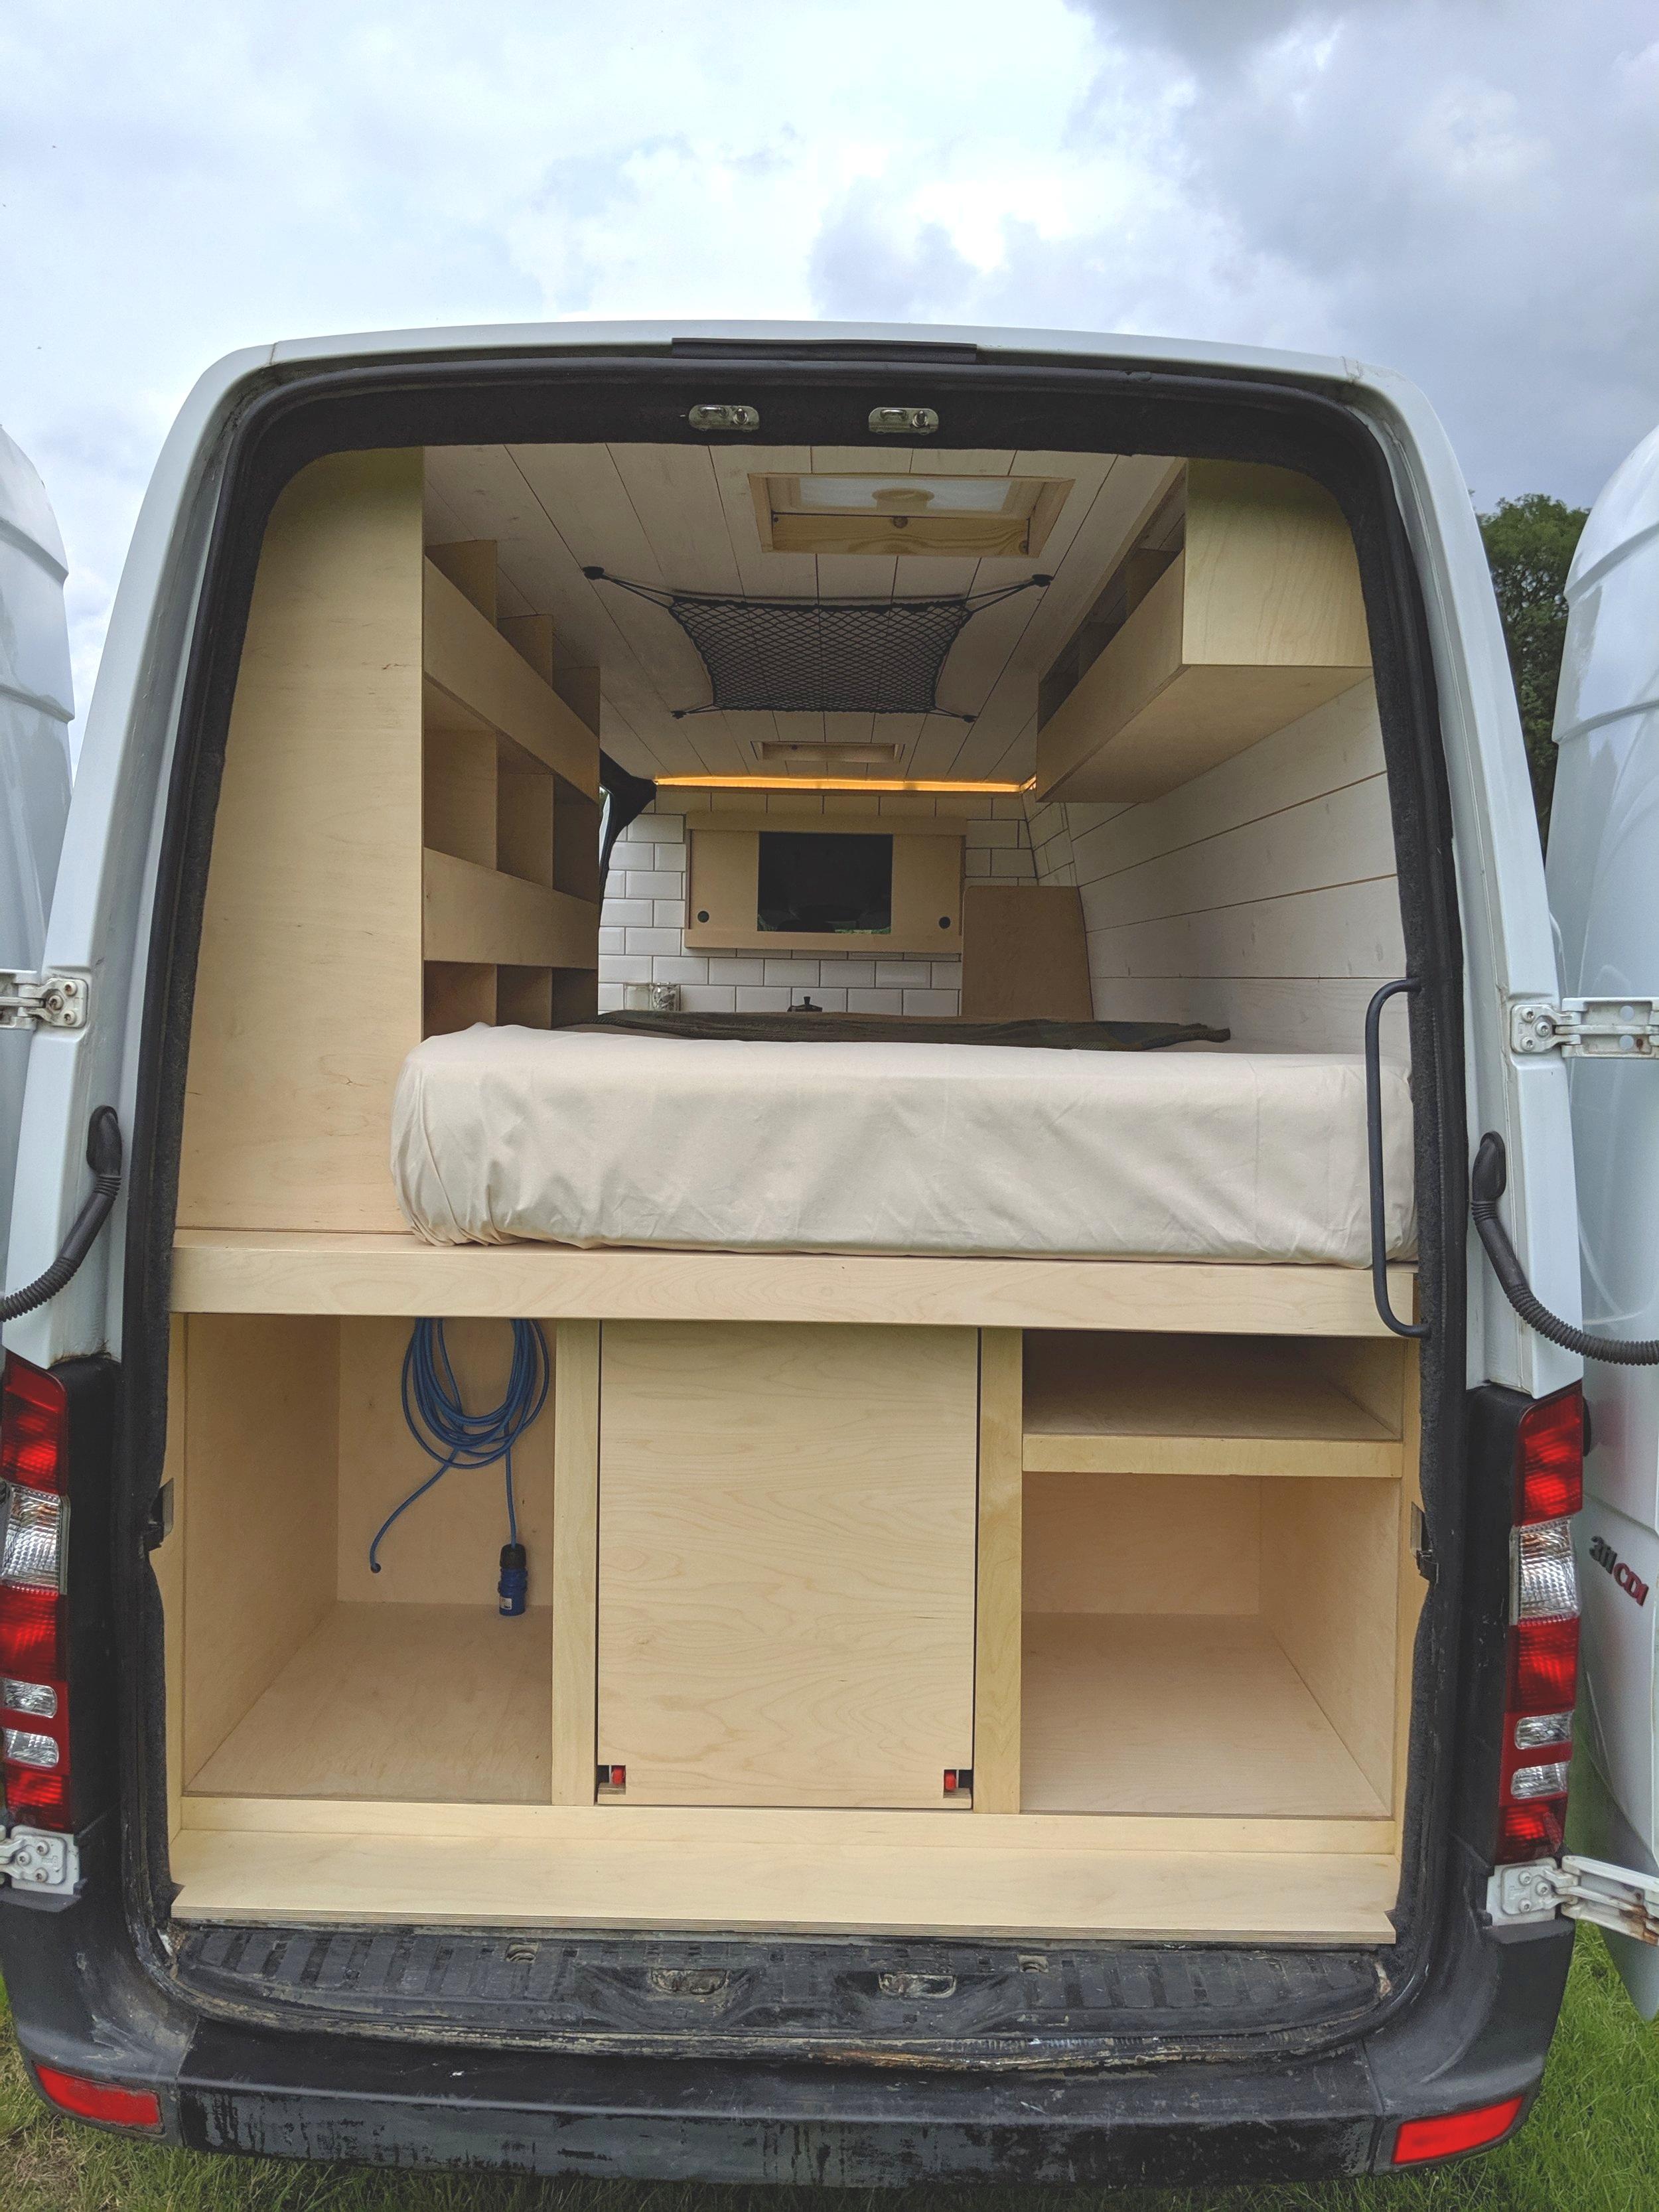 OOOD van back view